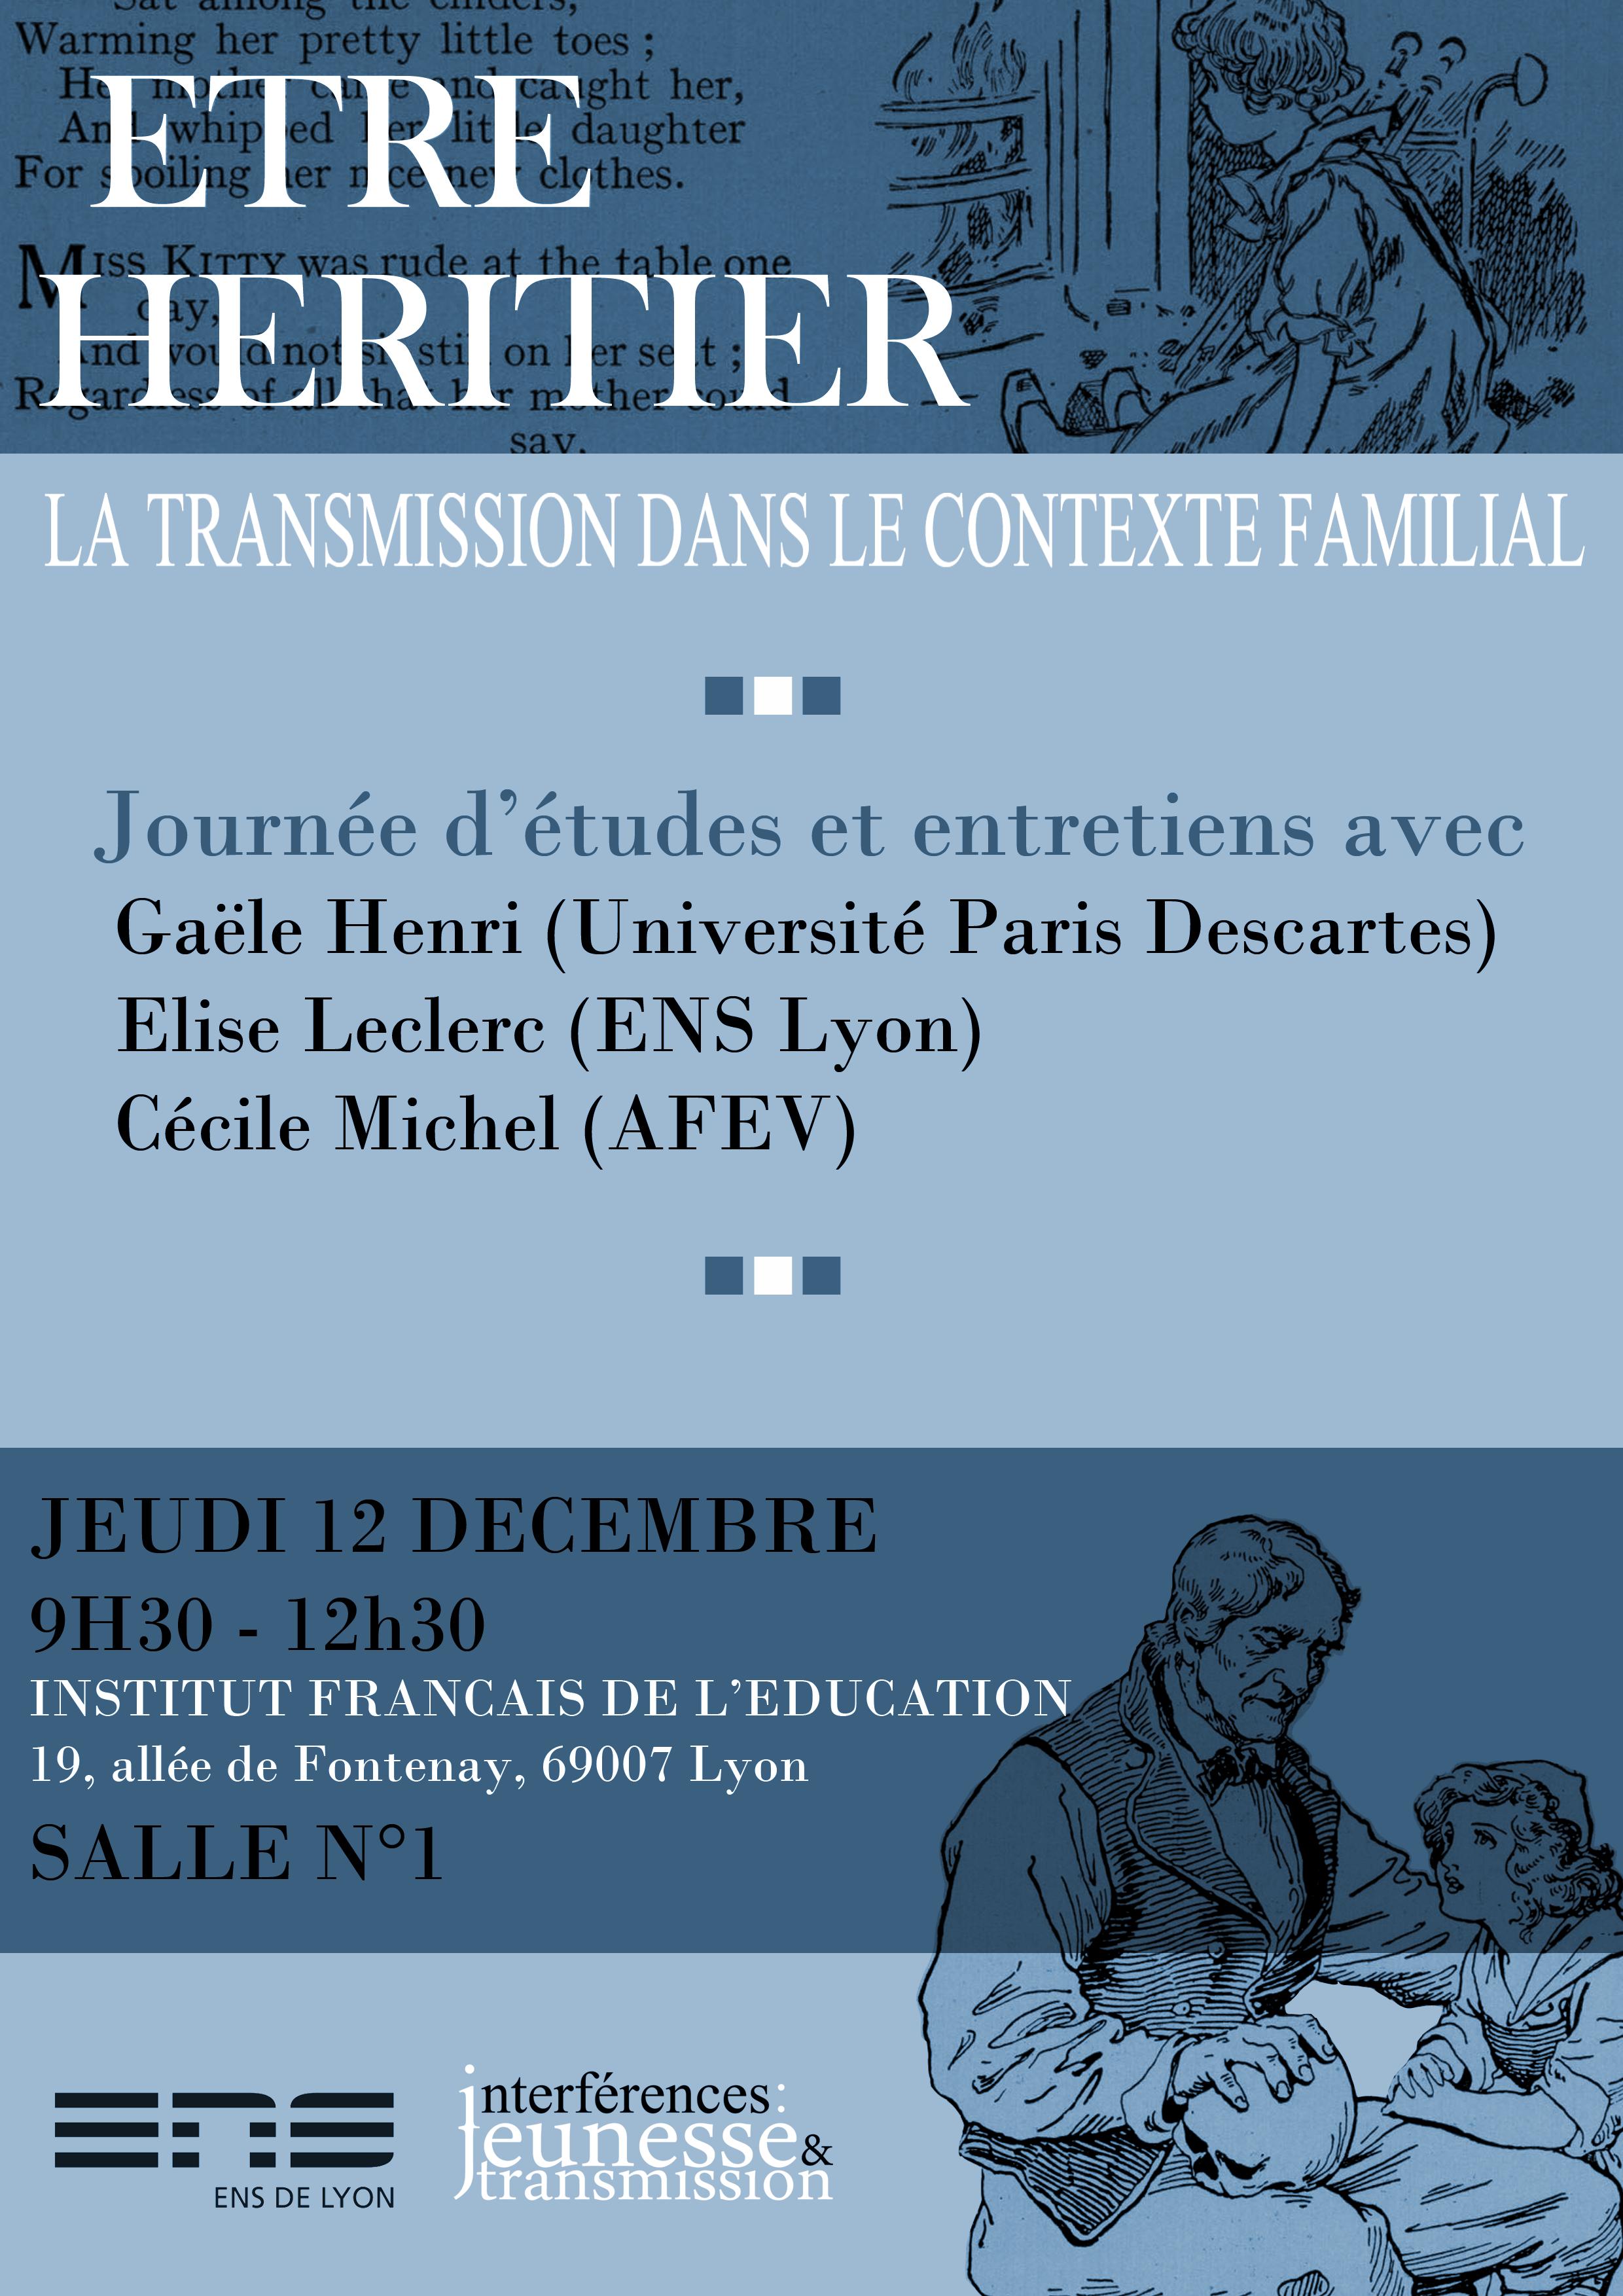 etre_heritier_grisbleu2